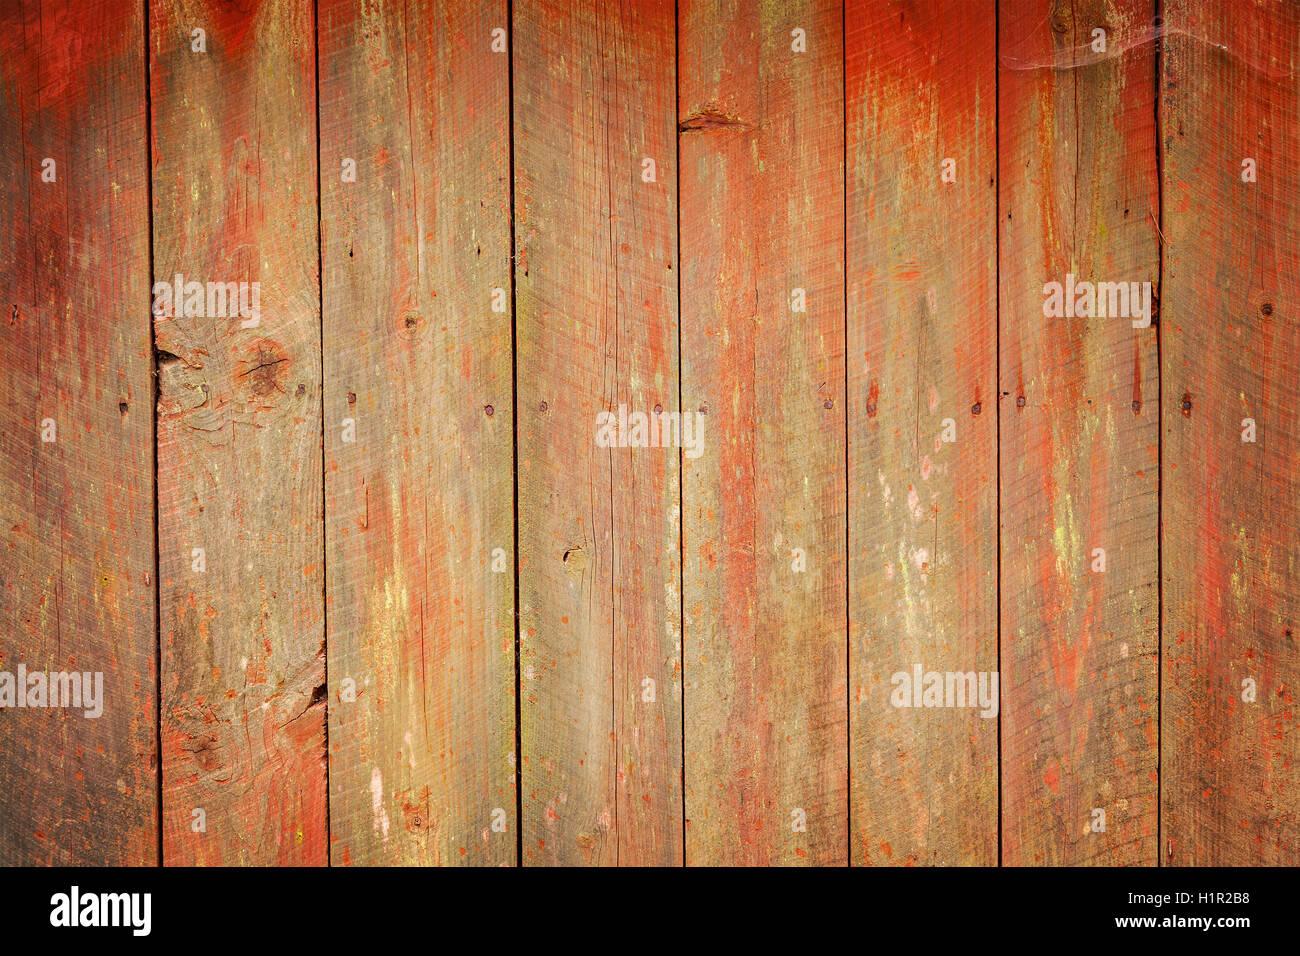 Weathered wood planks background. - Stock Image